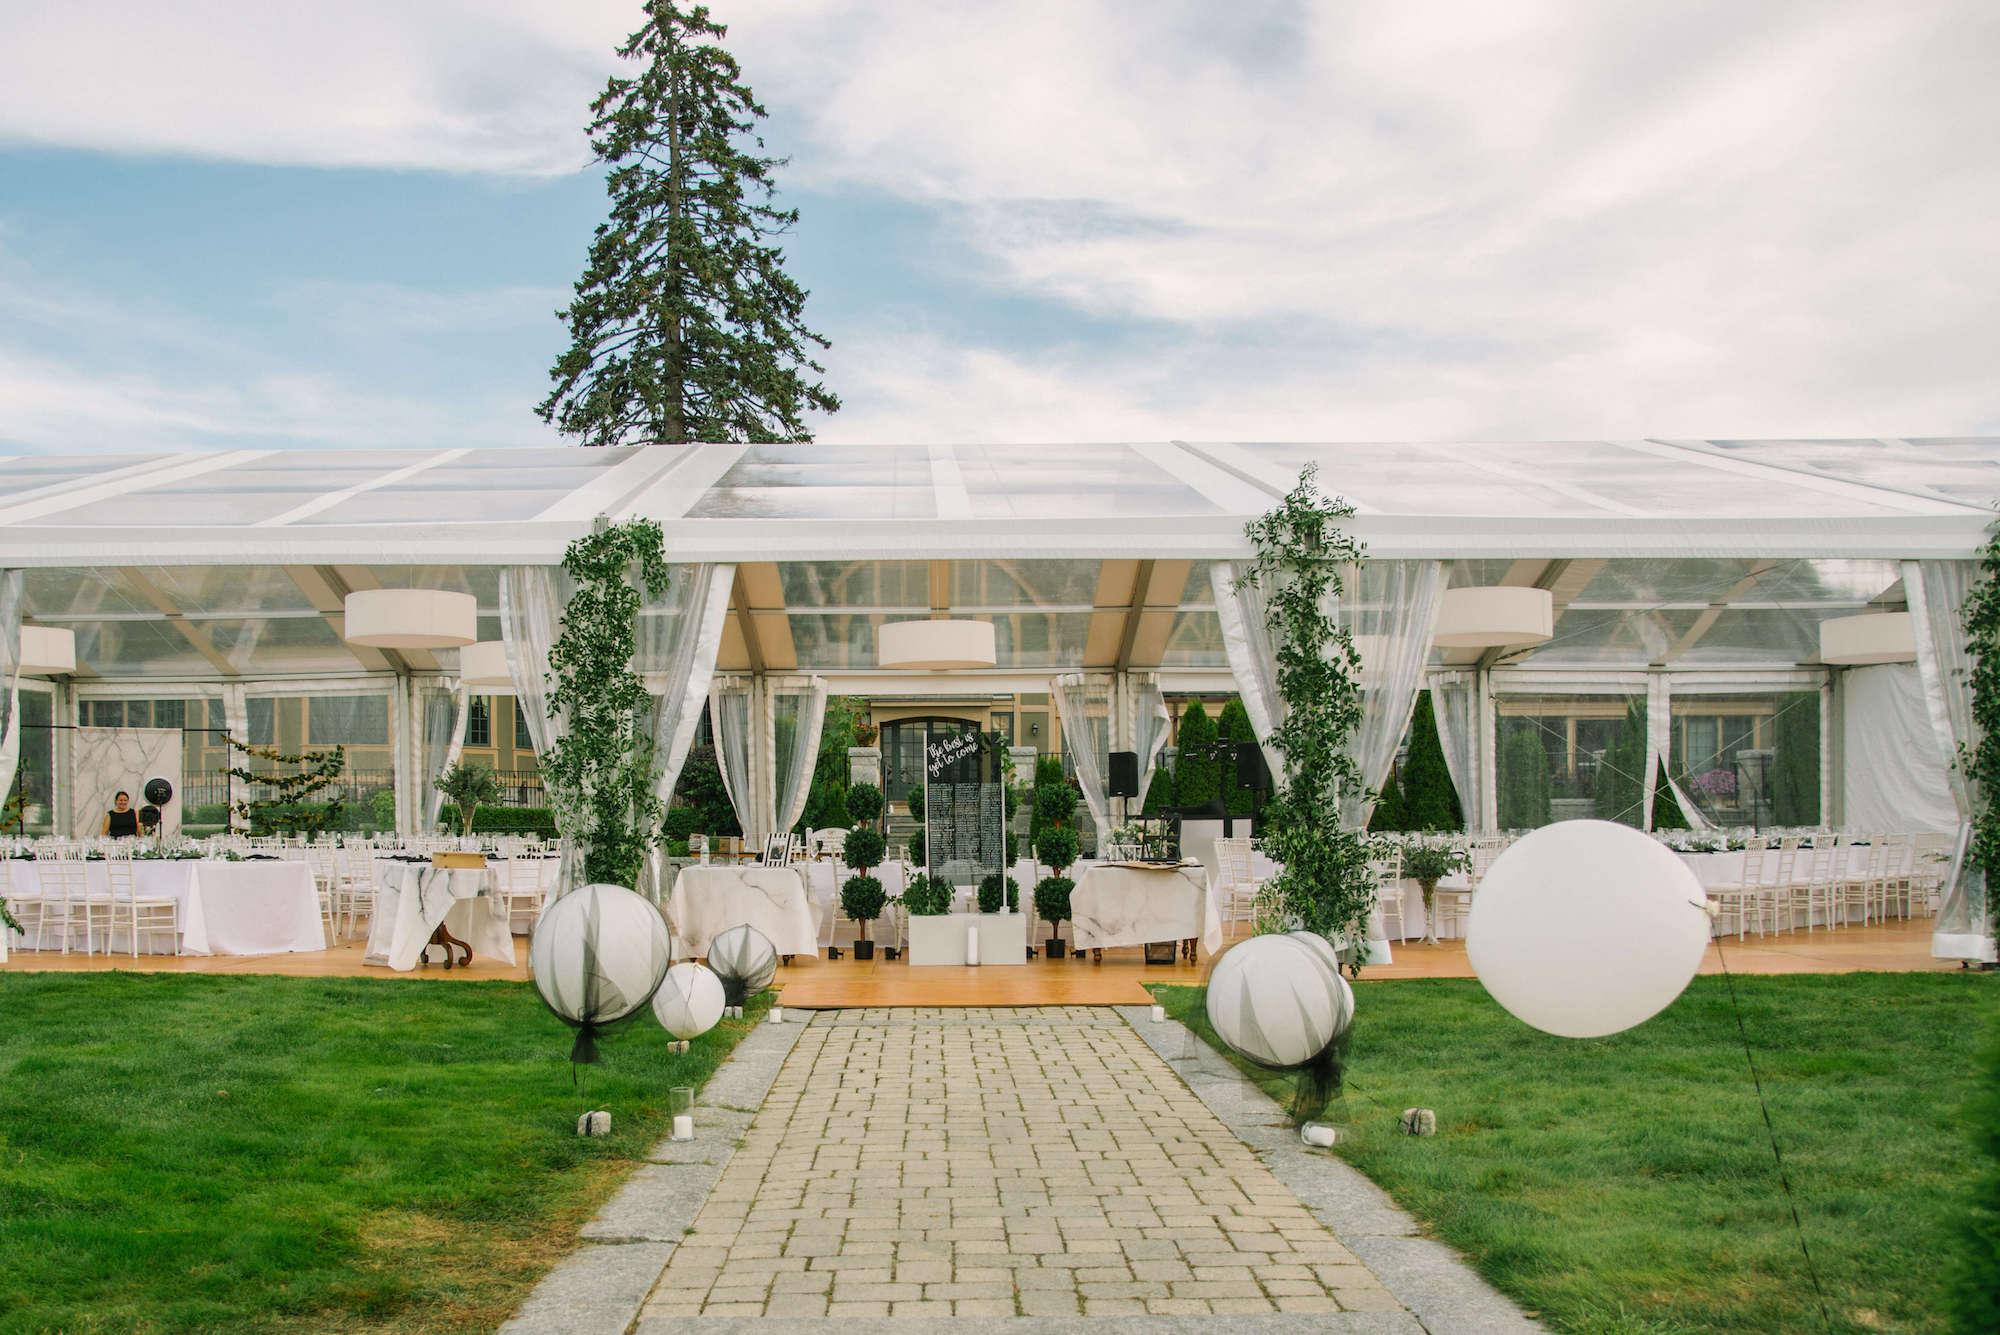 gatsby-wedding-reception-clear-tent.jpg